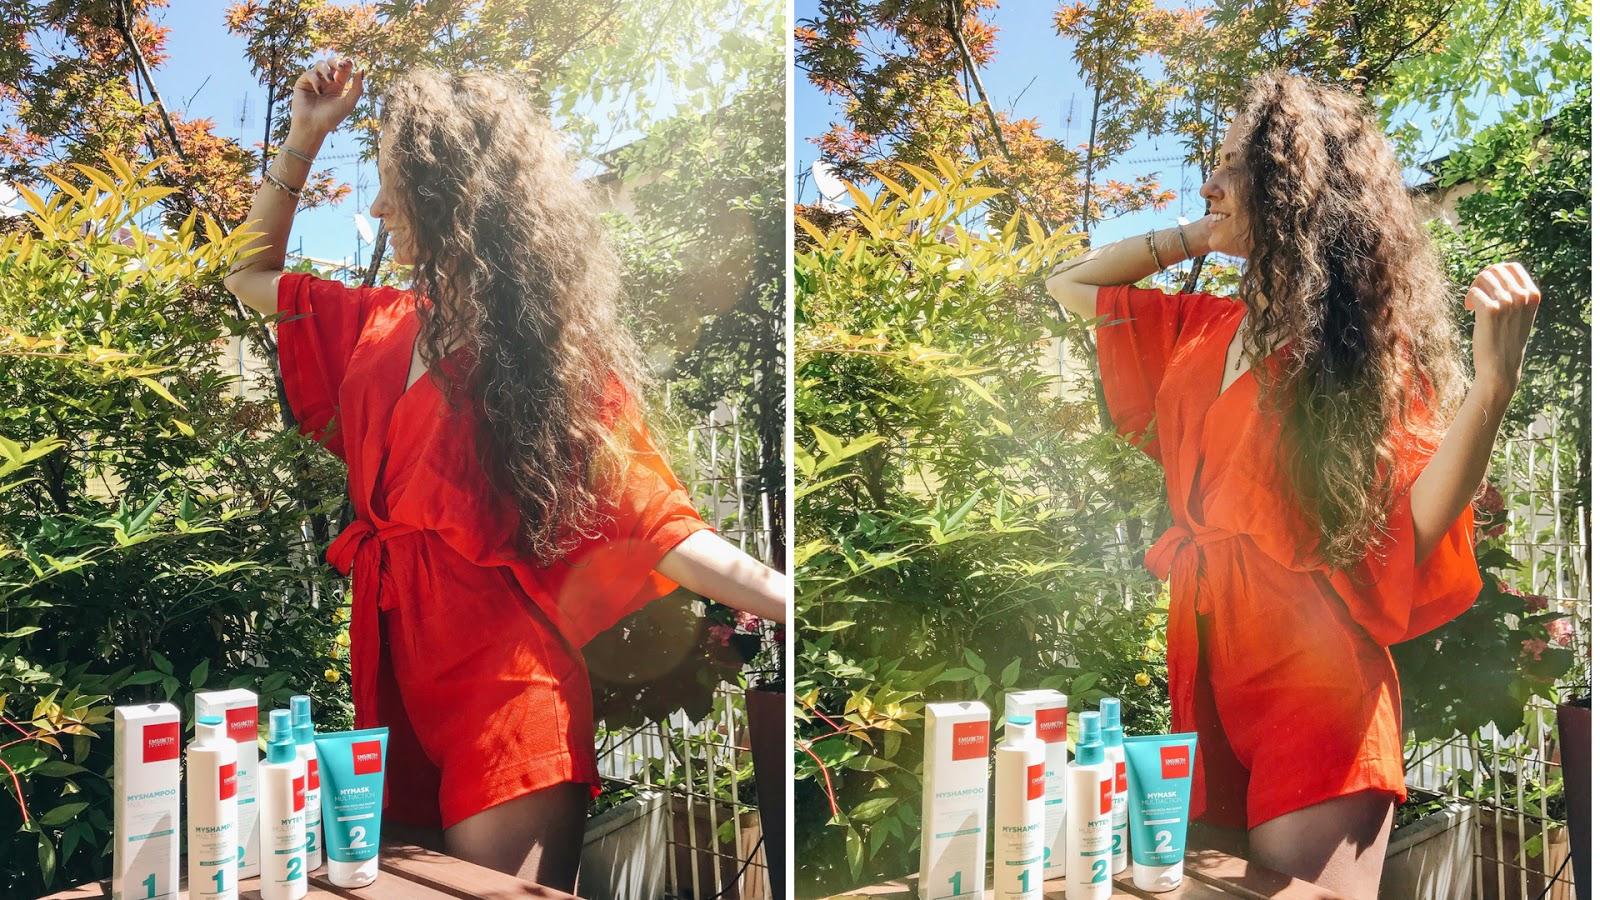 capelli mordbidi, setosi e lucenti shampoo e maschere mymultiaction di emisbeth, cura capelli, haircare, come avere capelli top, Valentina rago, fashion need